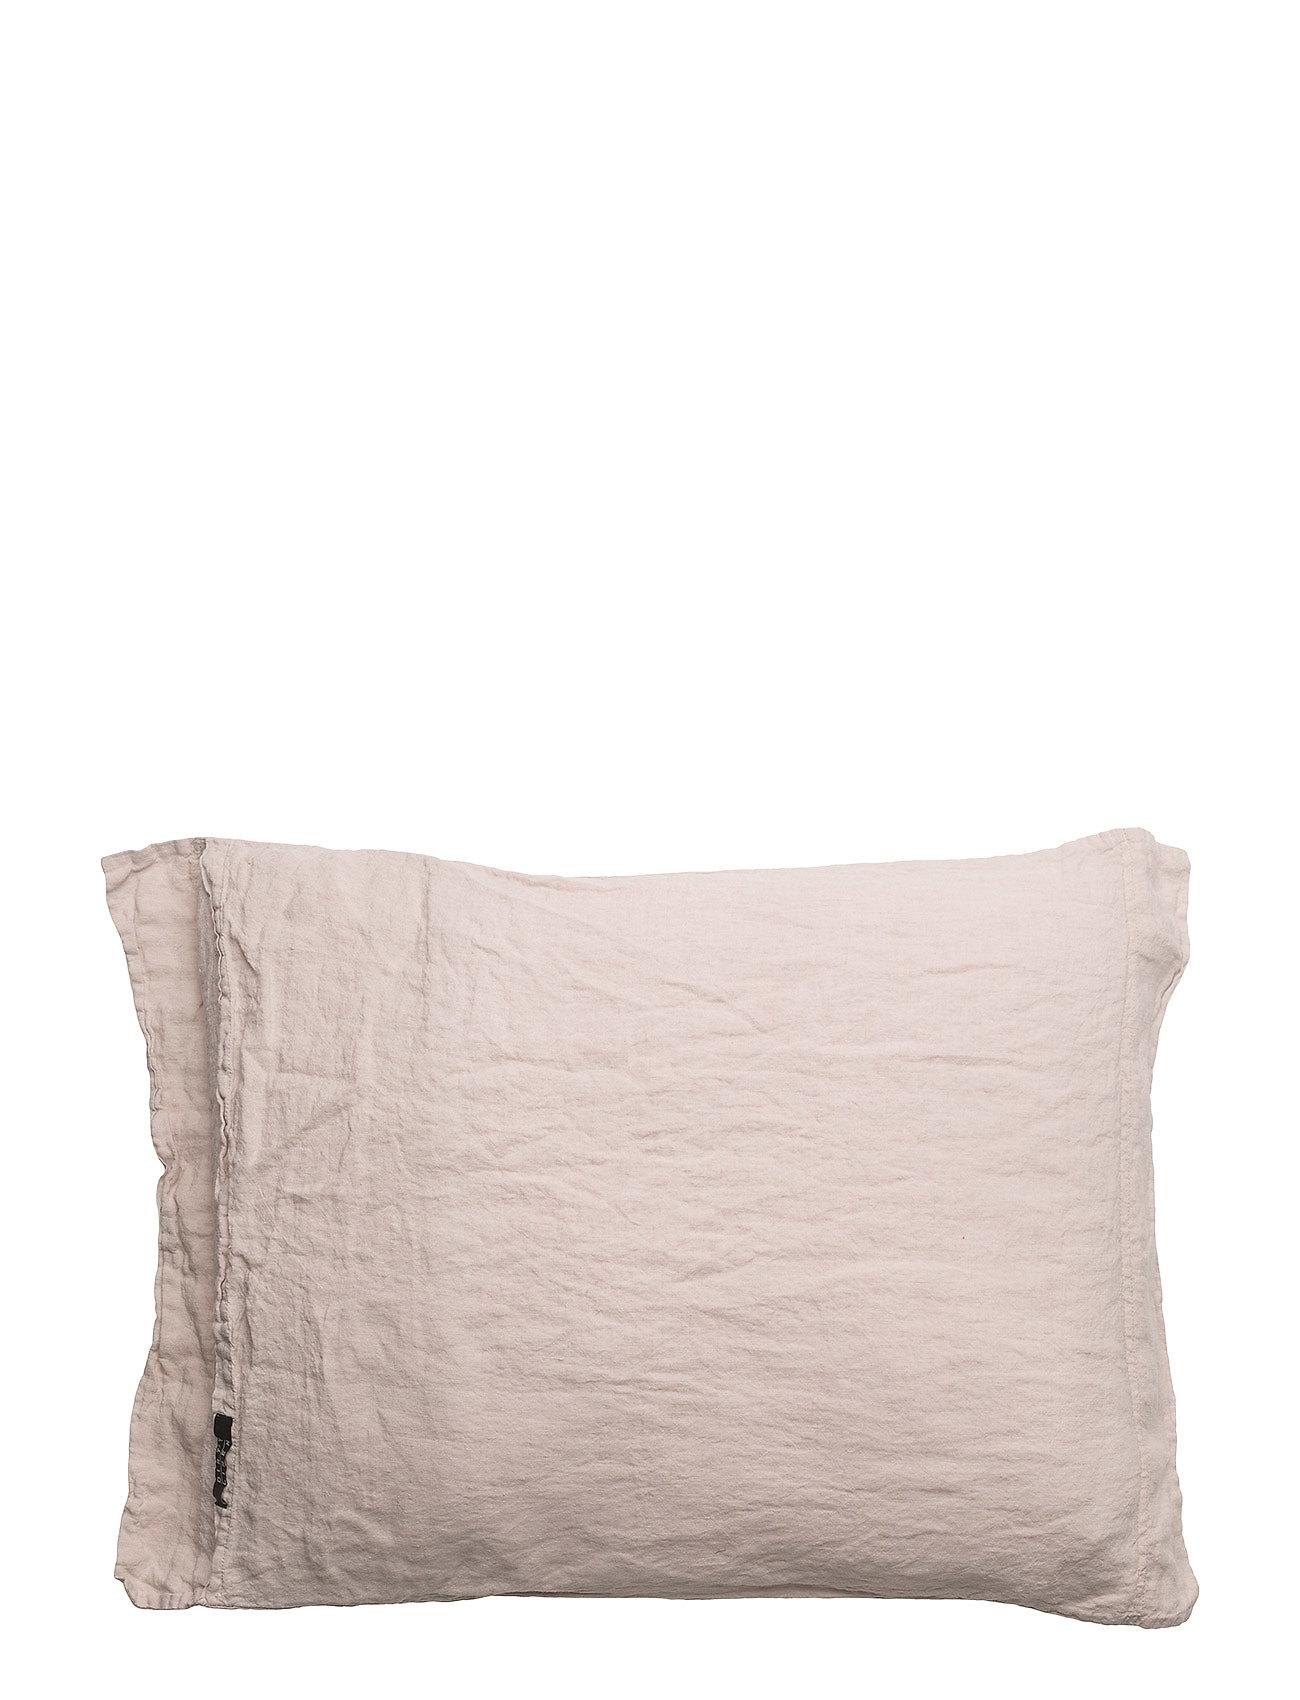 BlushDirty Animeaux Head Pillow Linen Casepink rdCBexo